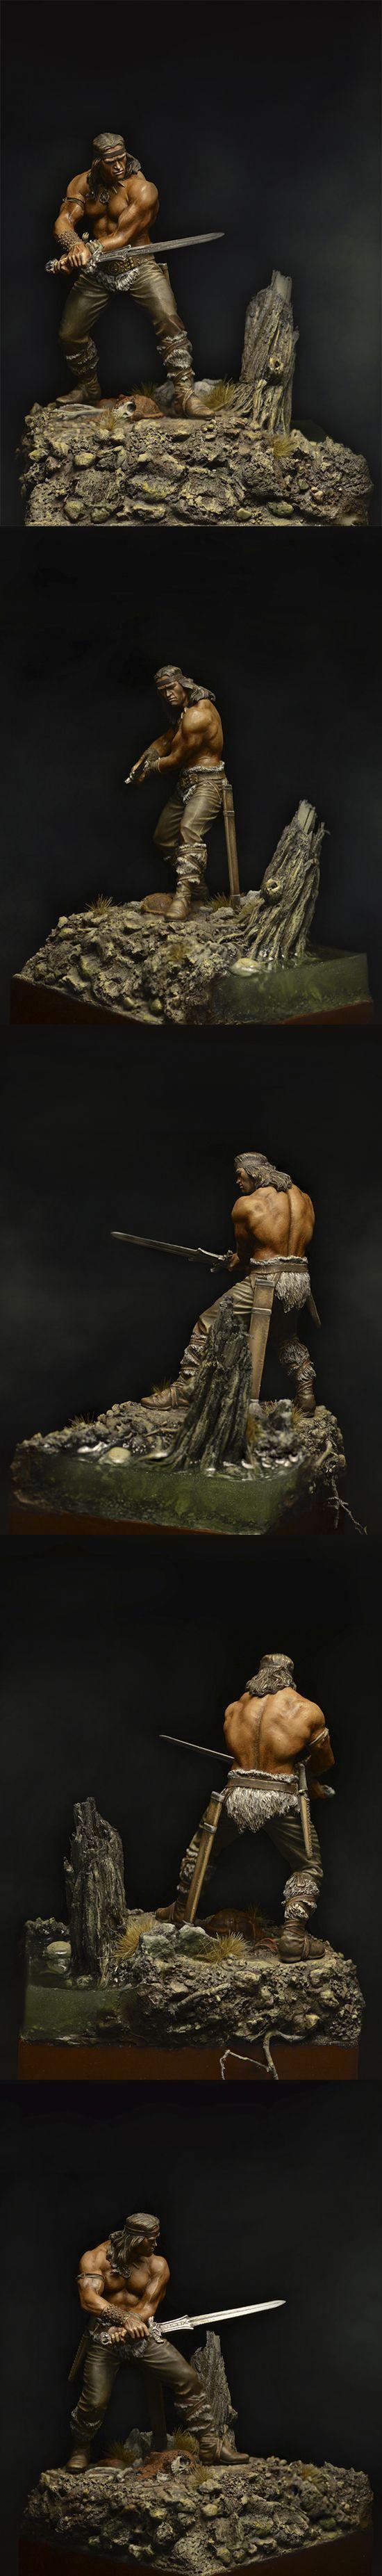 Conan the Barbarian - Pegaso